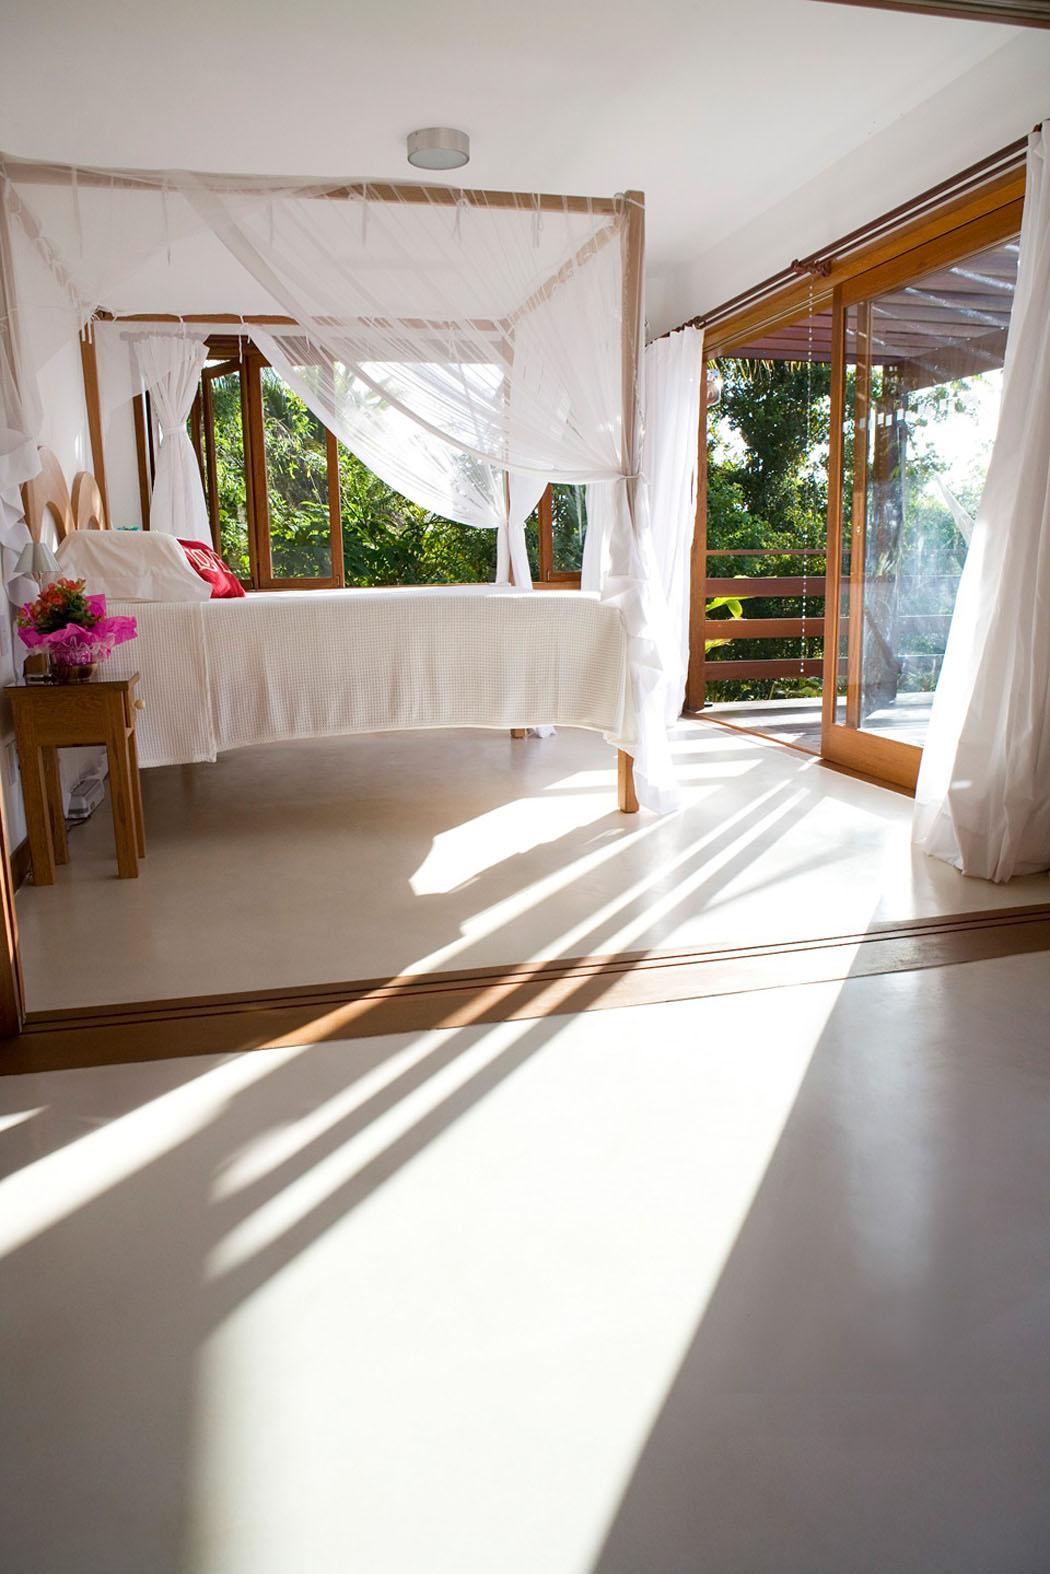 Belle villa louer au c ur de la for t exotique br silienne vivons maison - Villa a louer casa do dean ...